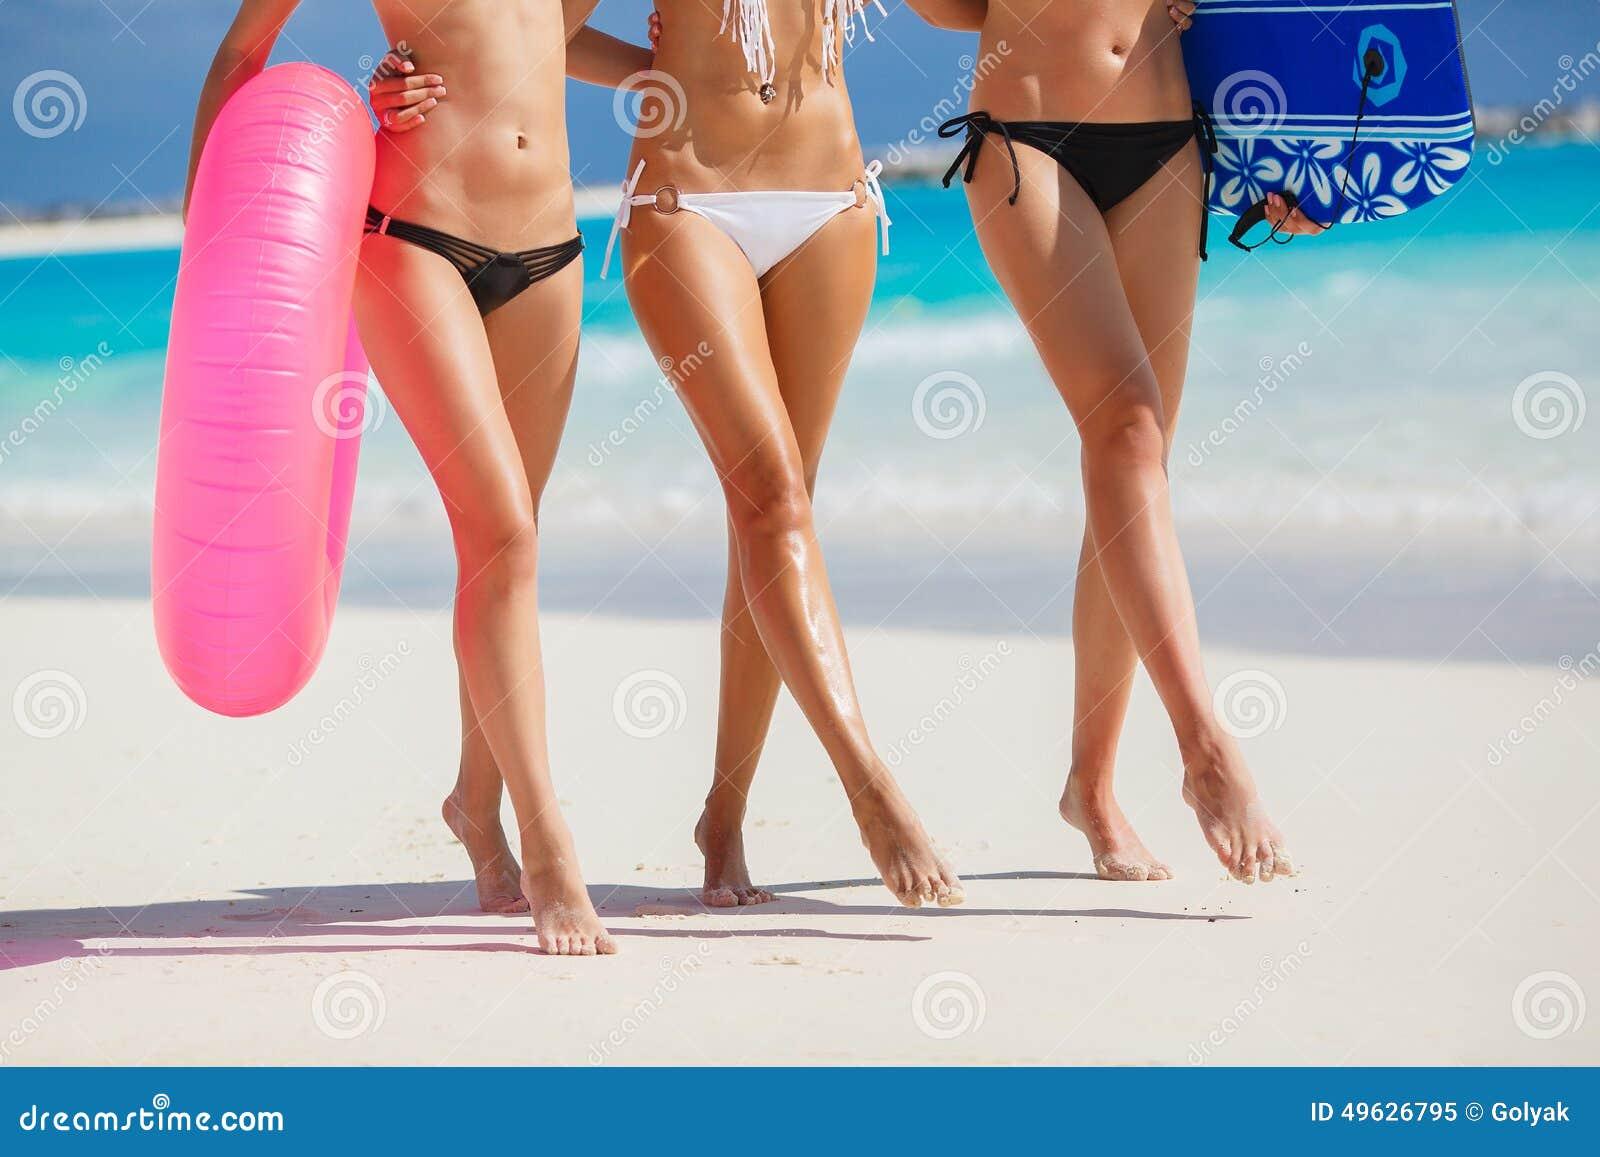 Fette Frau in einem Bikini